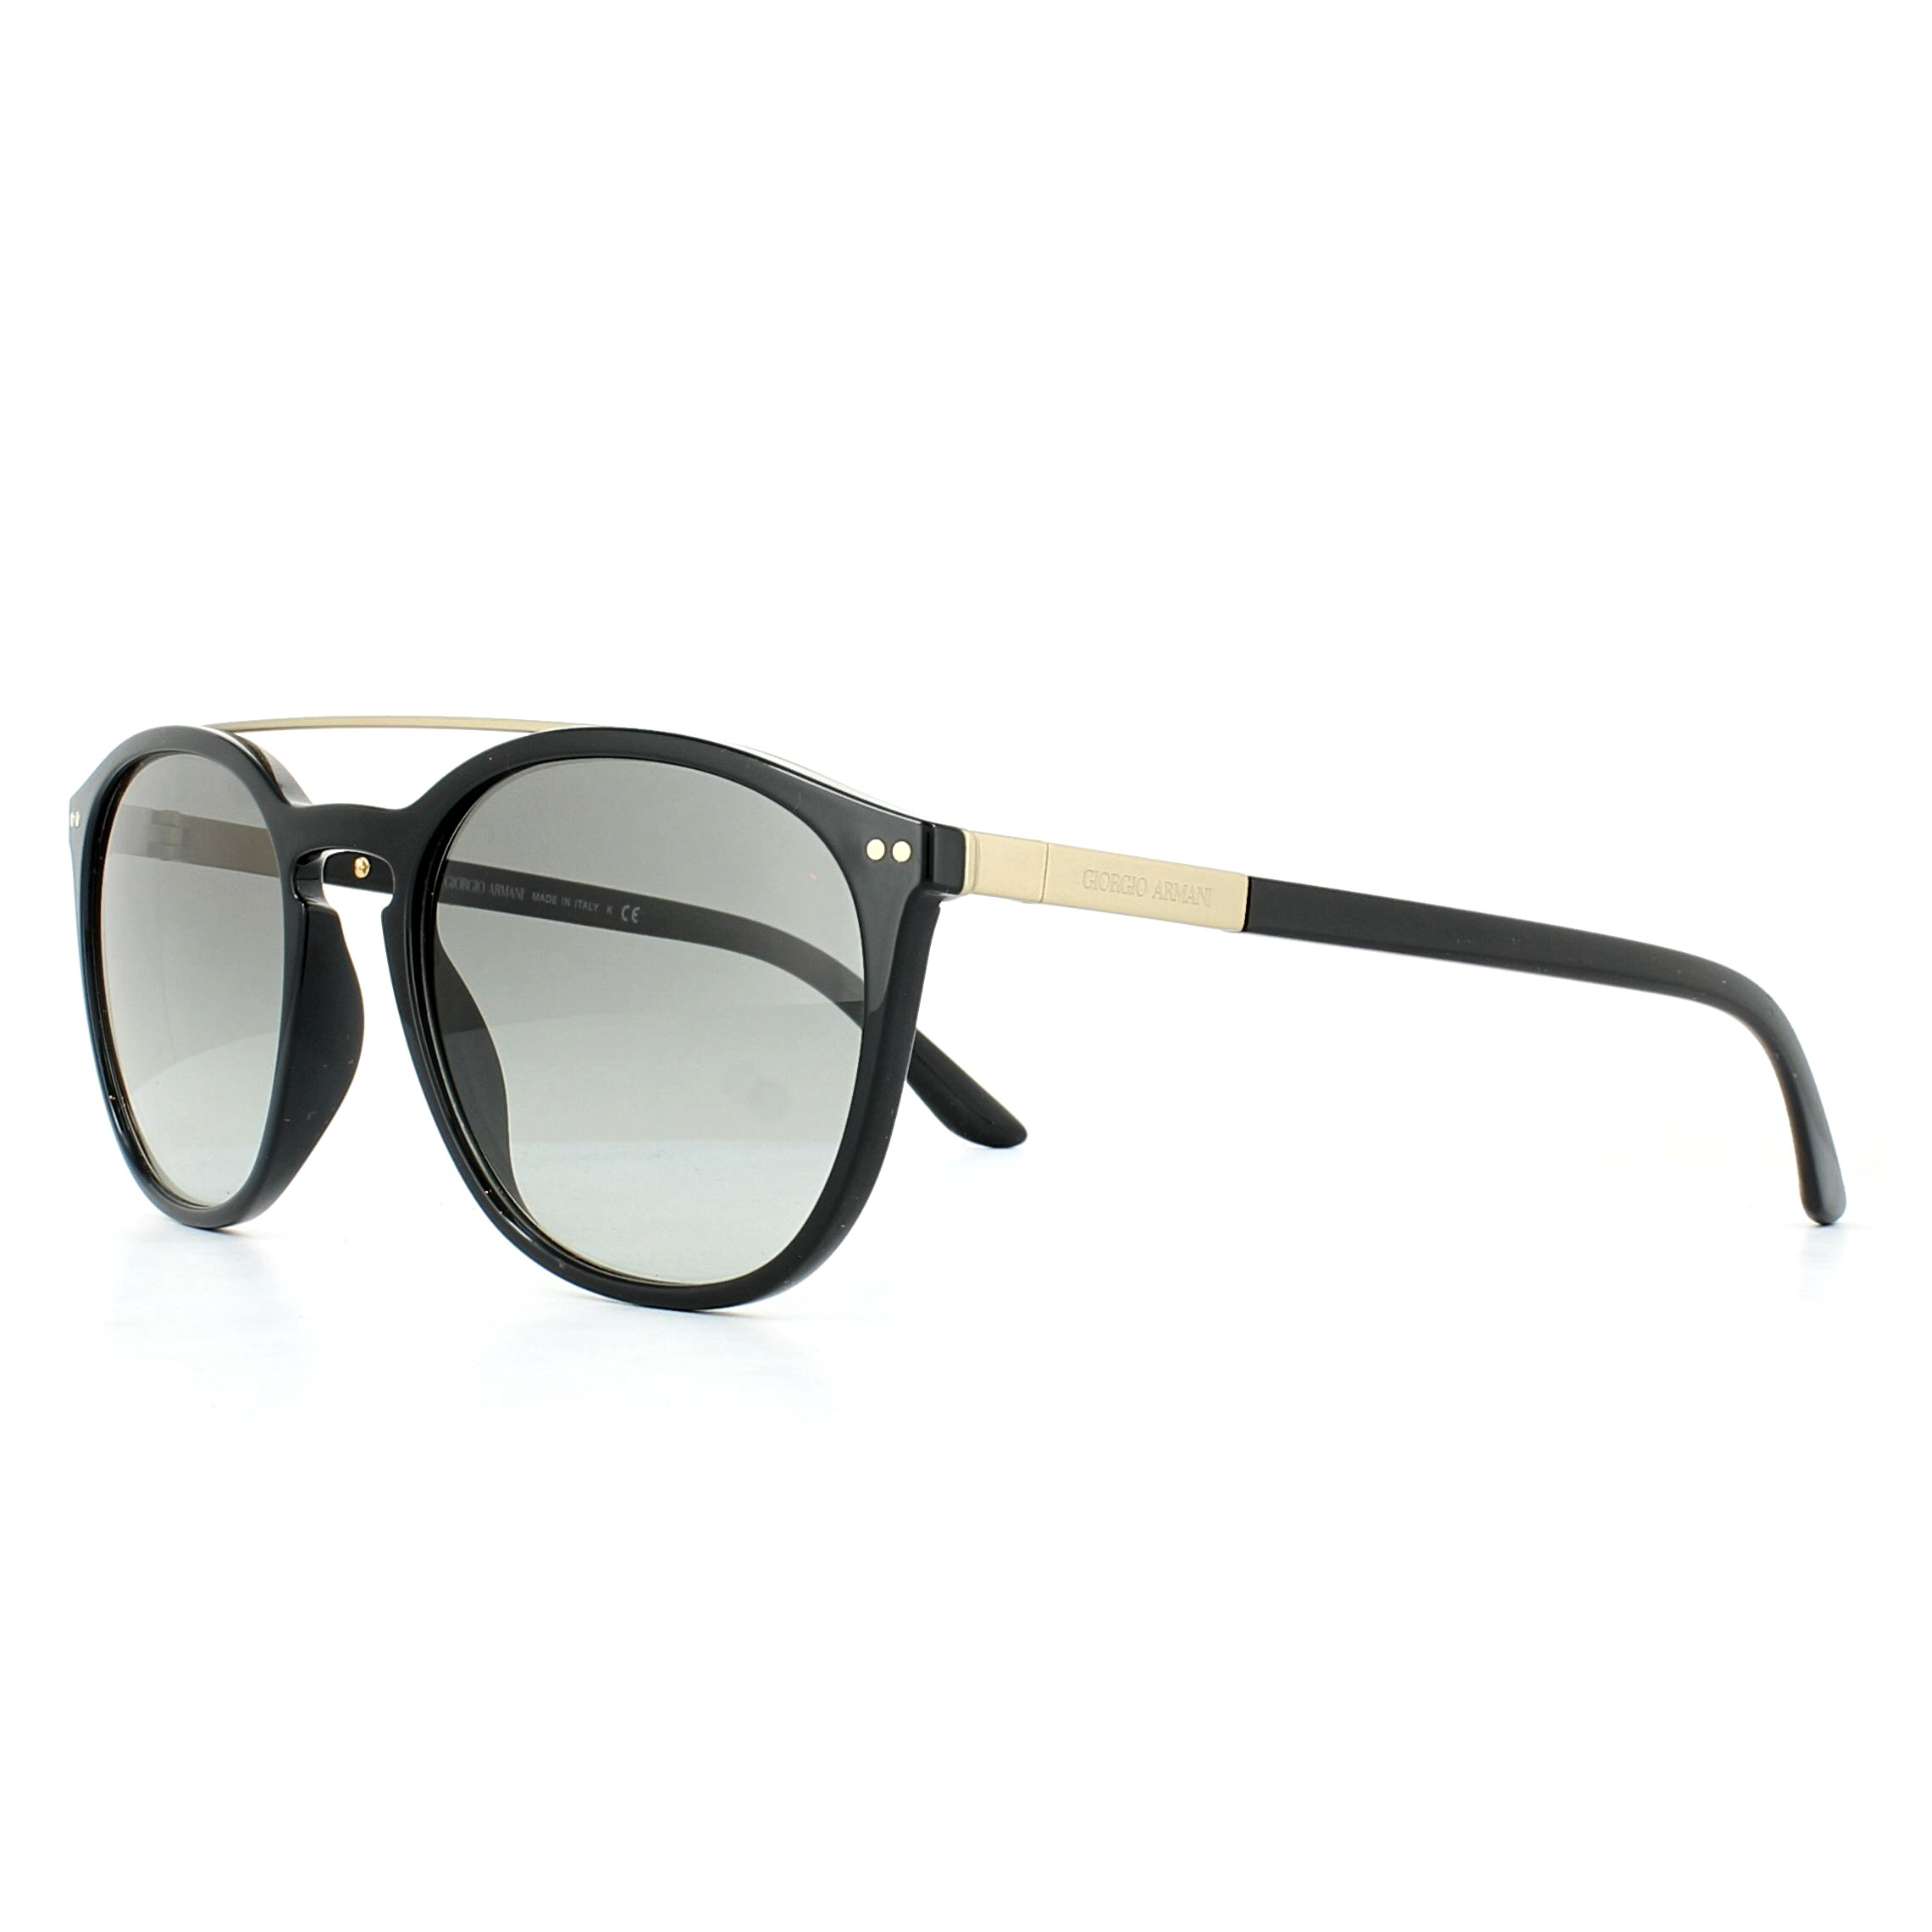 f3dc206116a8 Sentinel Giorgio Armani Sunglasses AR8088 501711 Black Grey Gradient